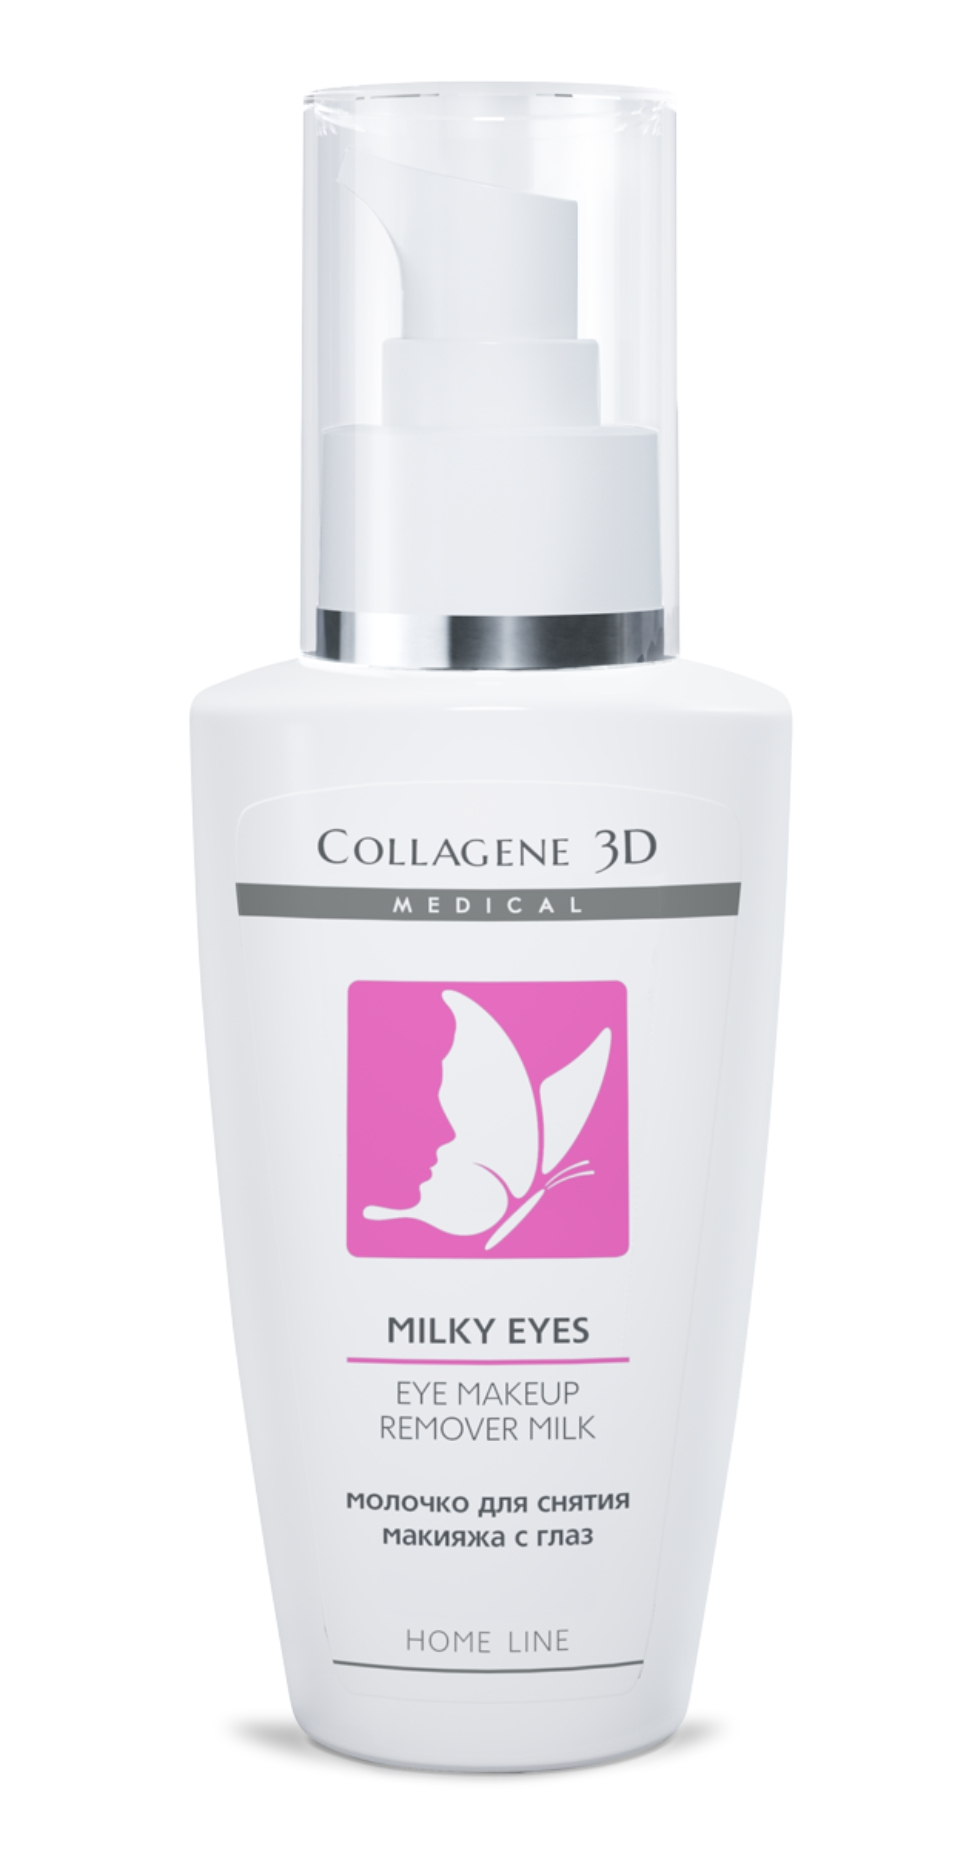 MEDICAL COLLAGENE 3D Молочко очищающее для глаз / Milky Eyes 125 мл - Молочко